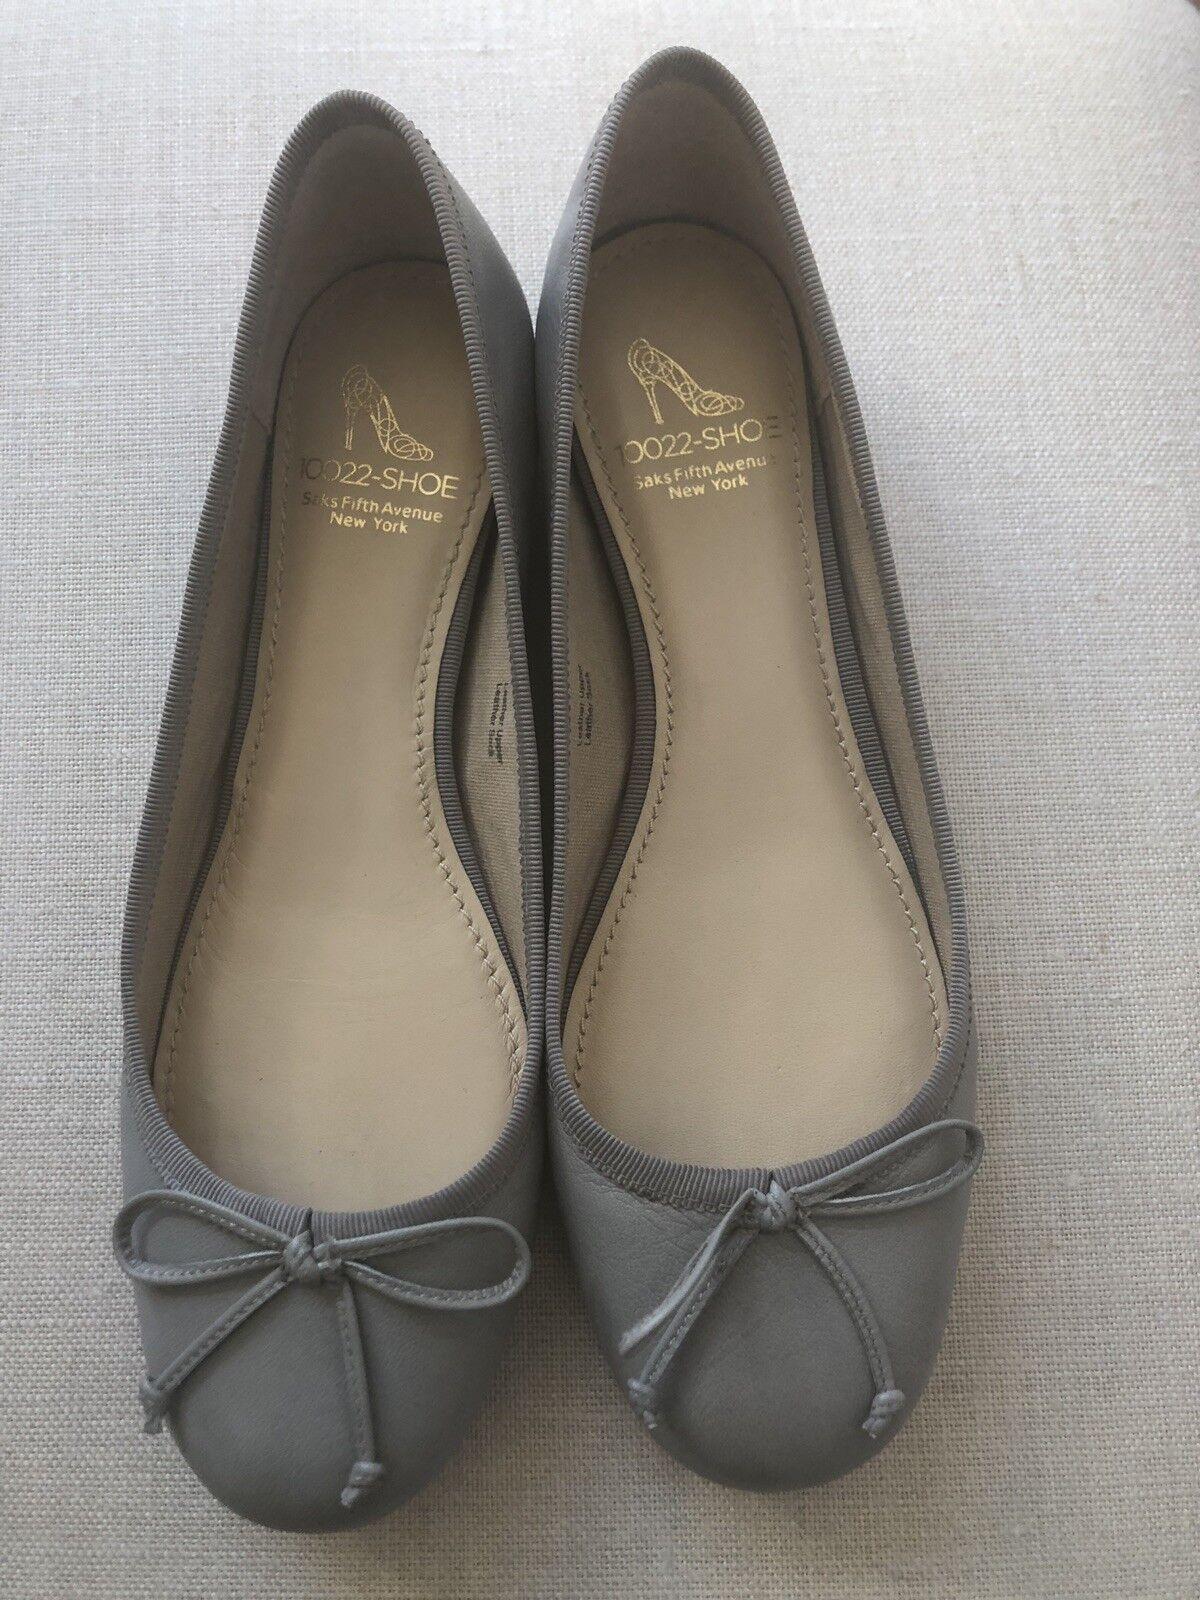 10022-de zapatos por Saks Bailarina Plana Plana Plana gris Talla 6.5  tienda de venta